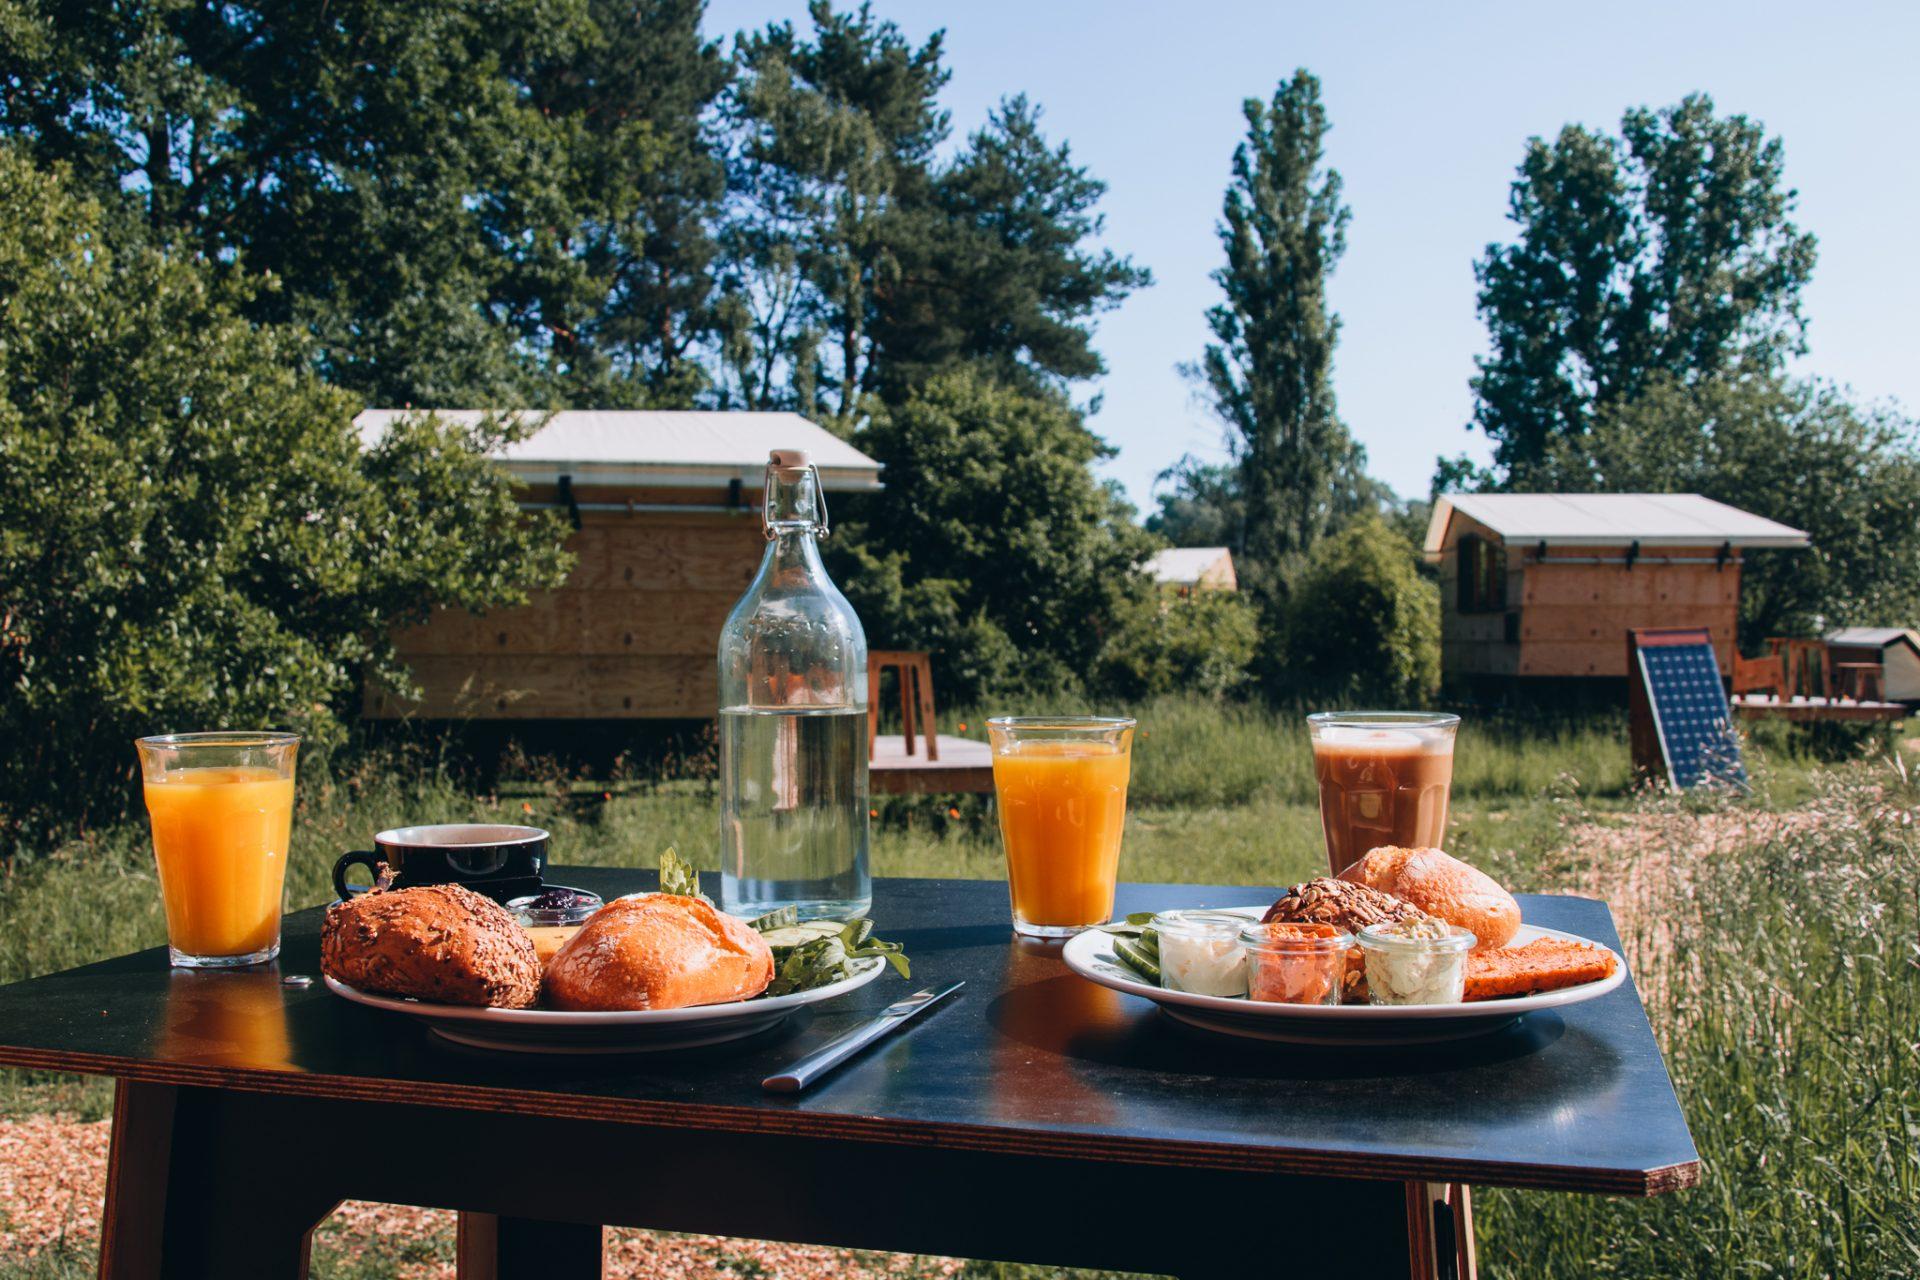 destinature-dorf-tiny-house-urlaub-restaurant